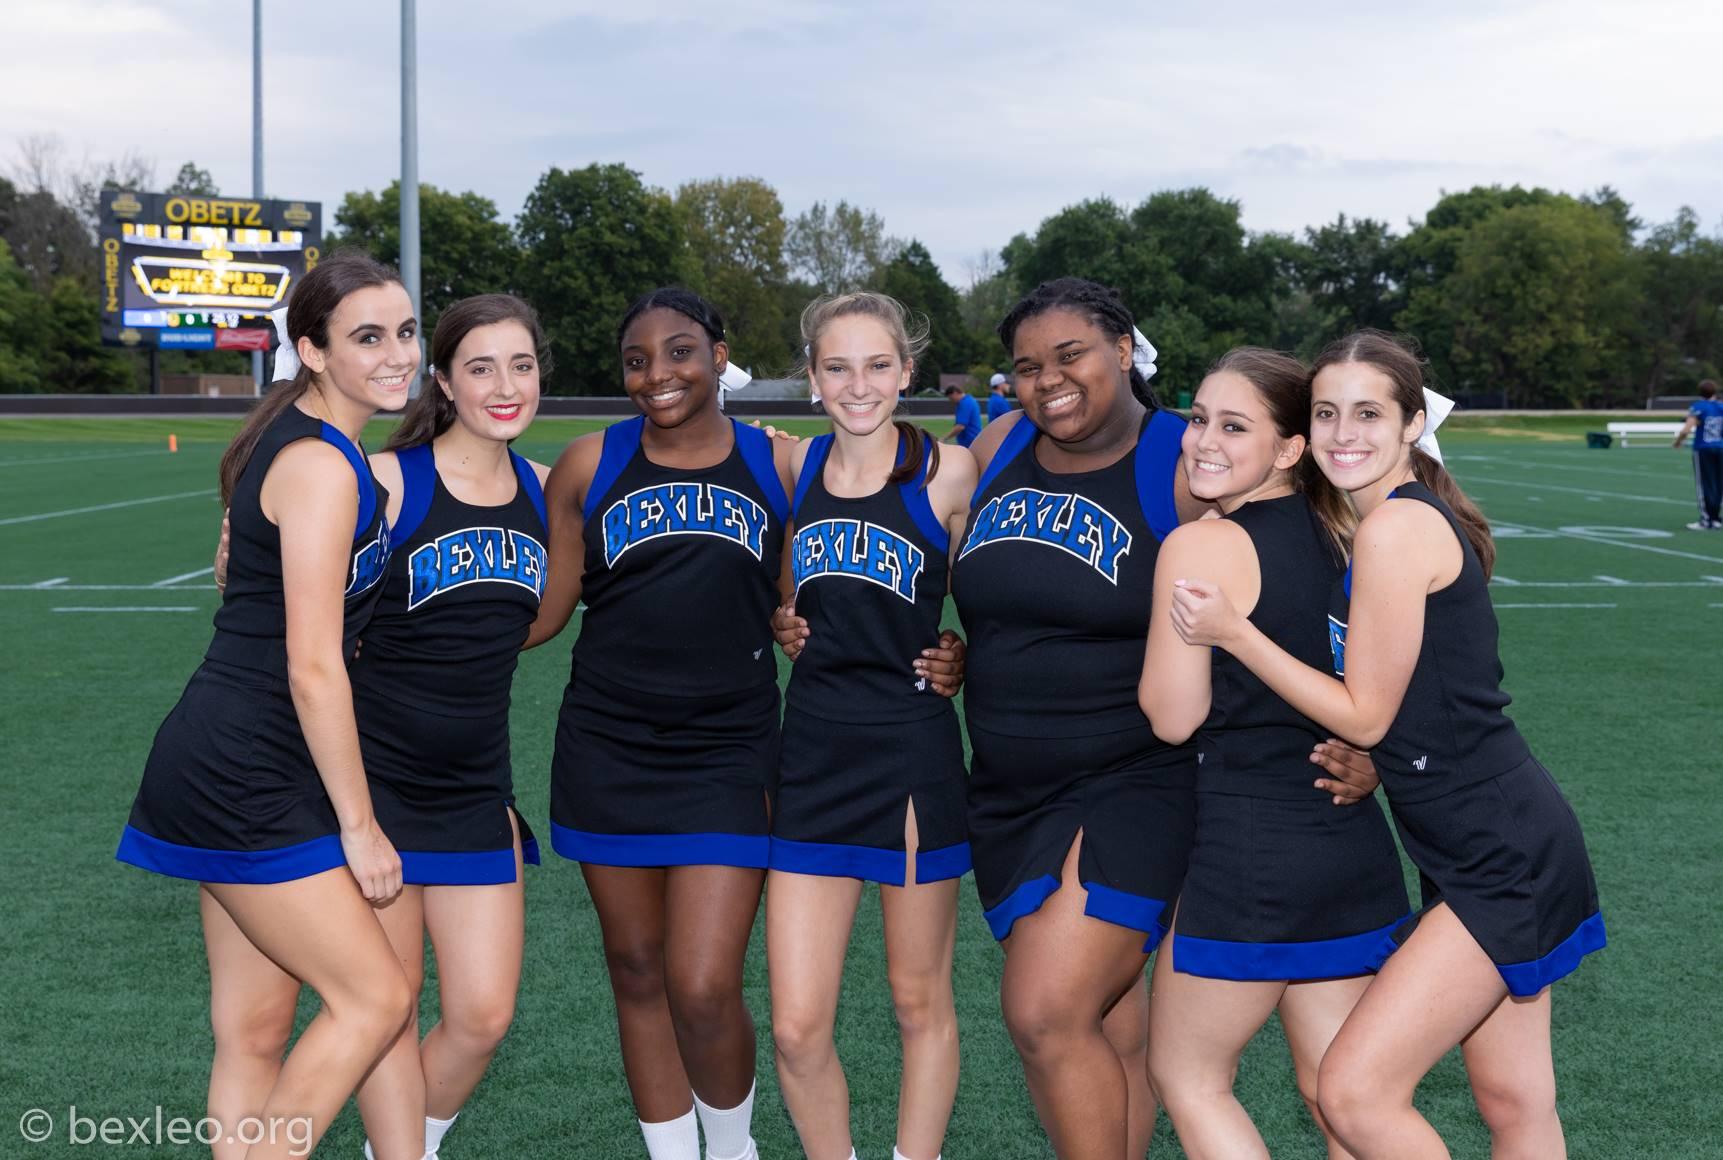 Pre-game photo op of cheerleaders